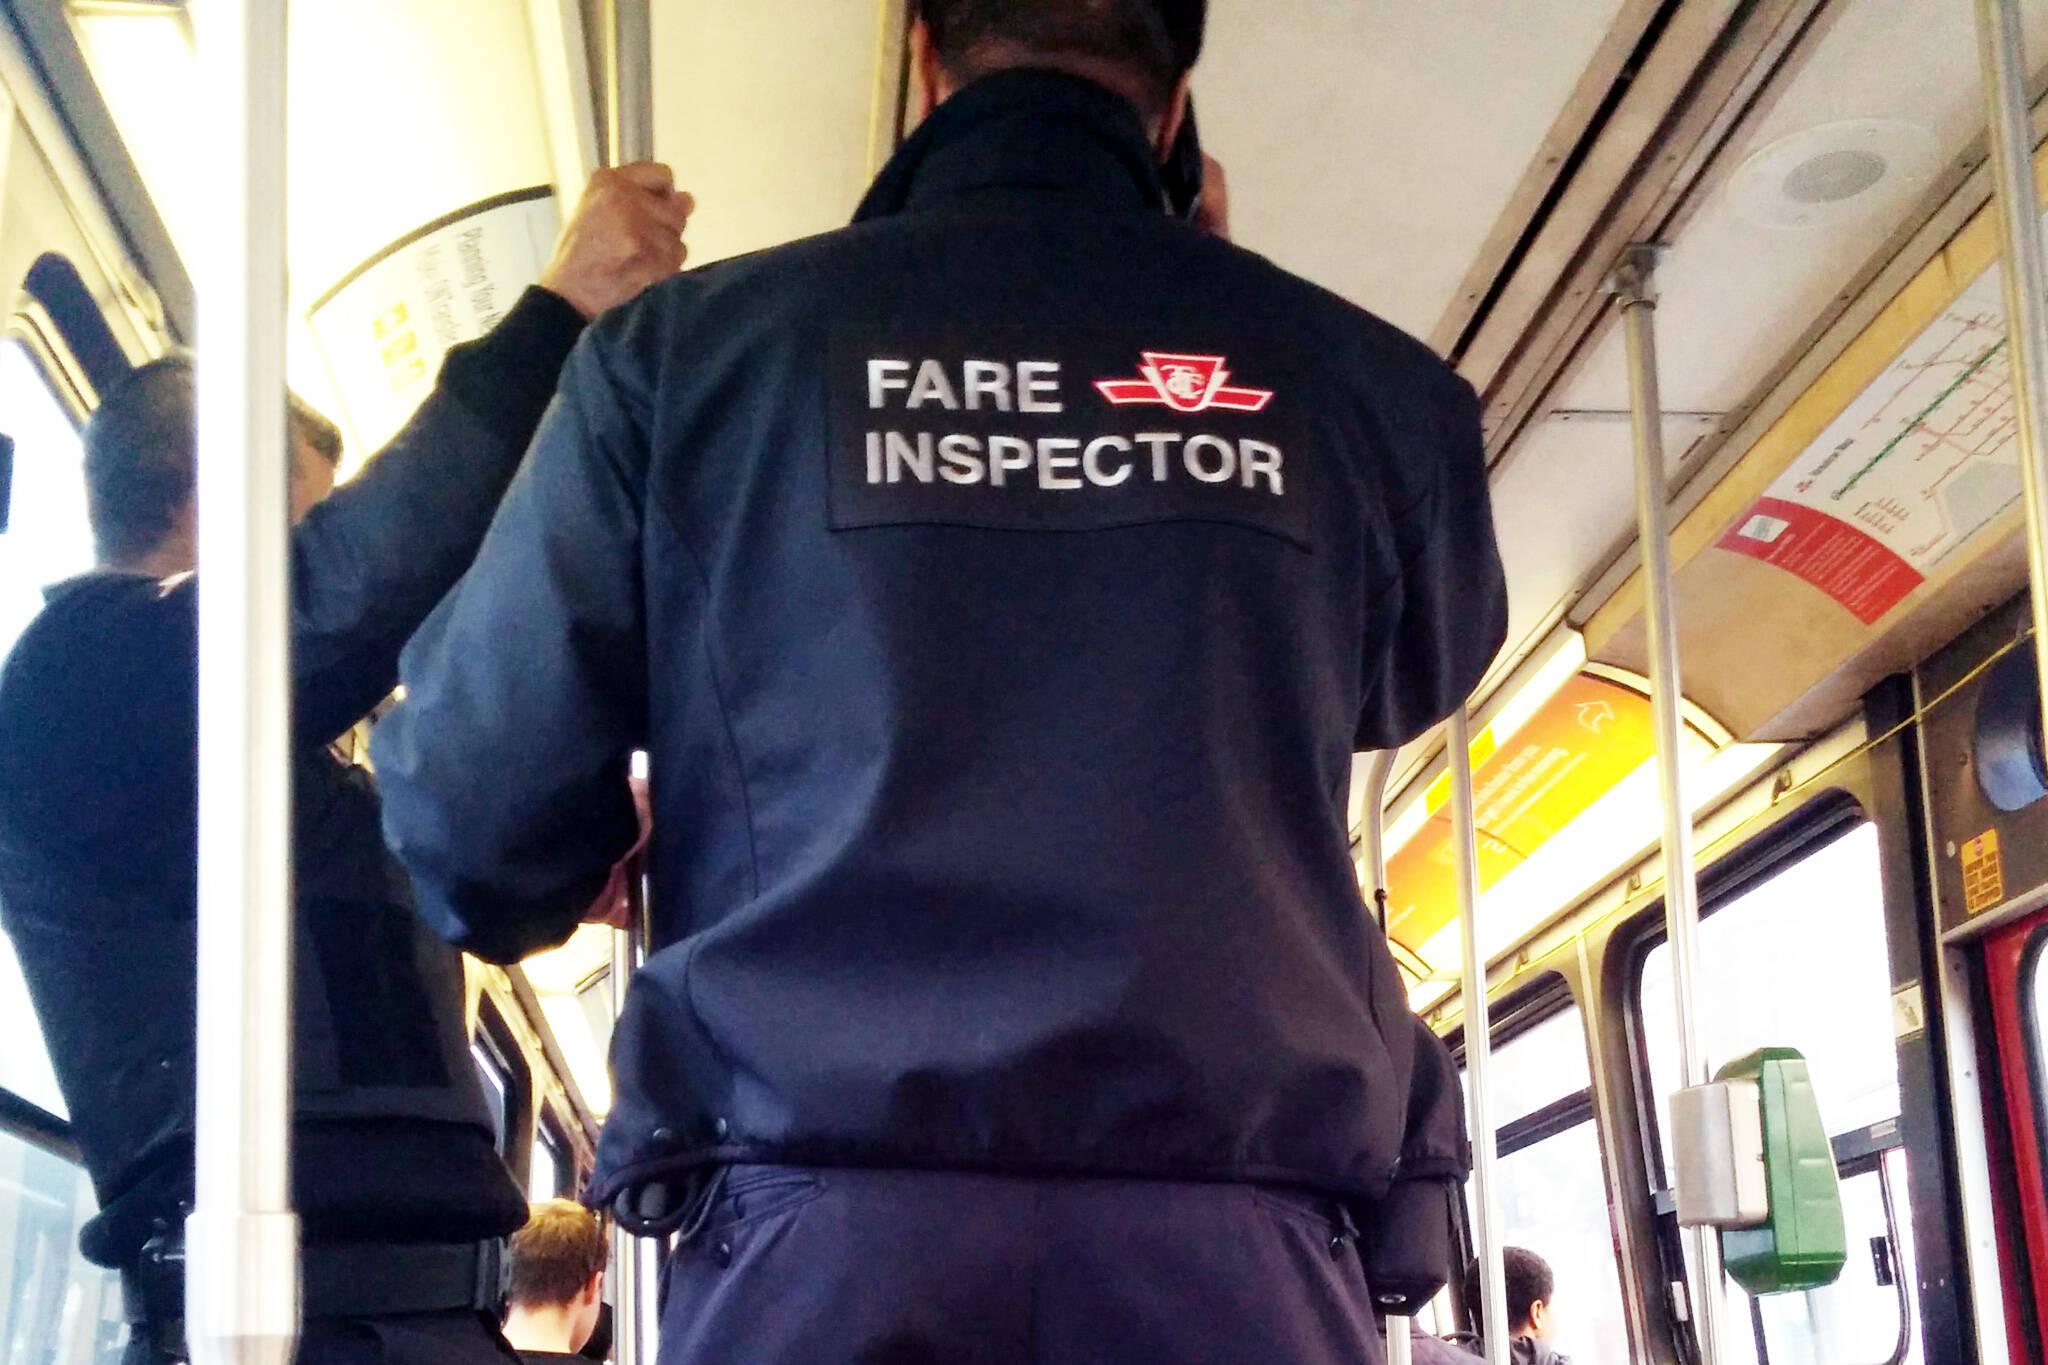 TTC fare inspector